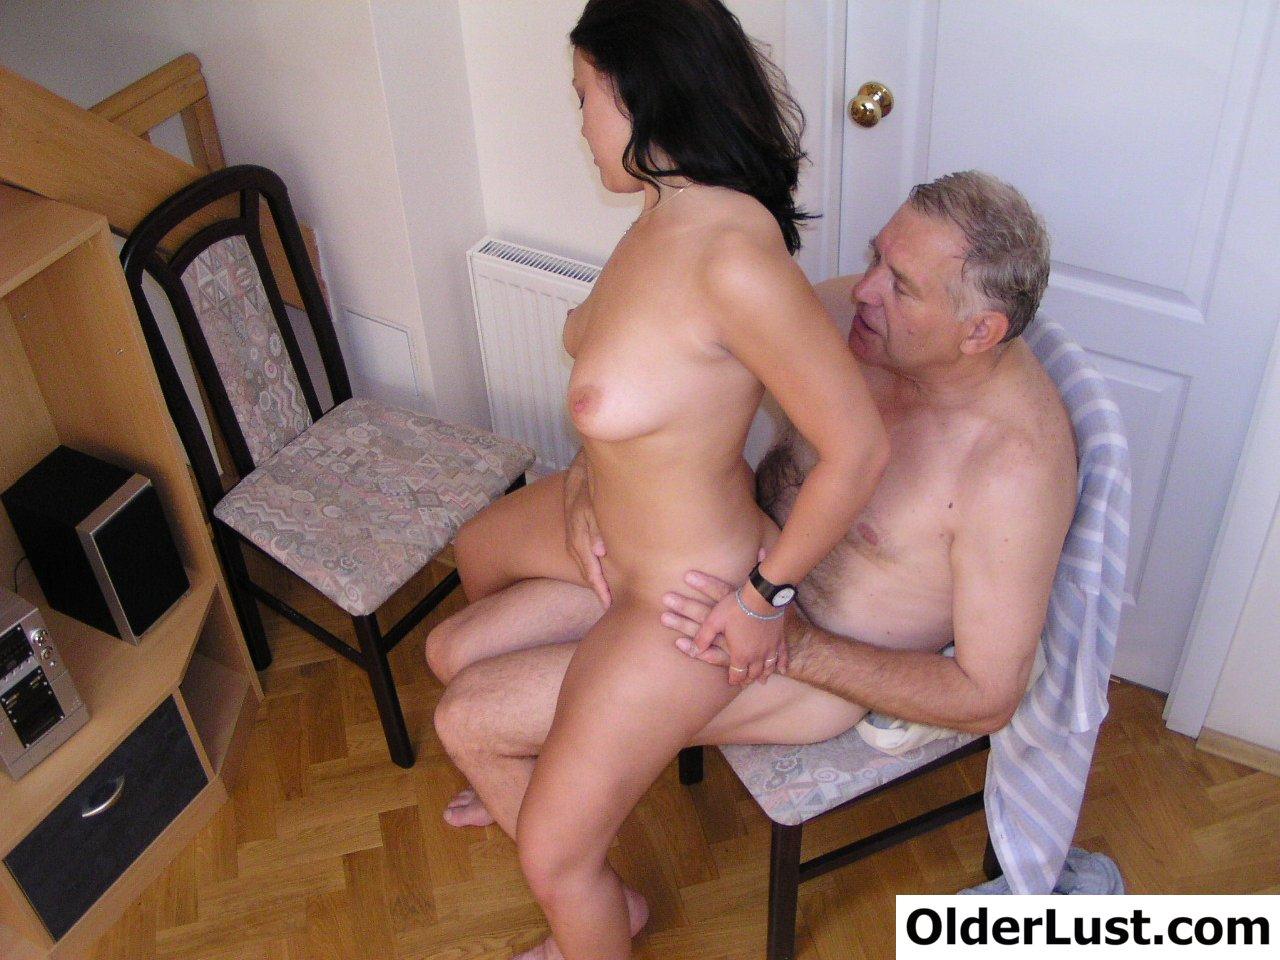 Дедушка трахает смазливую внучку - Порно видосики